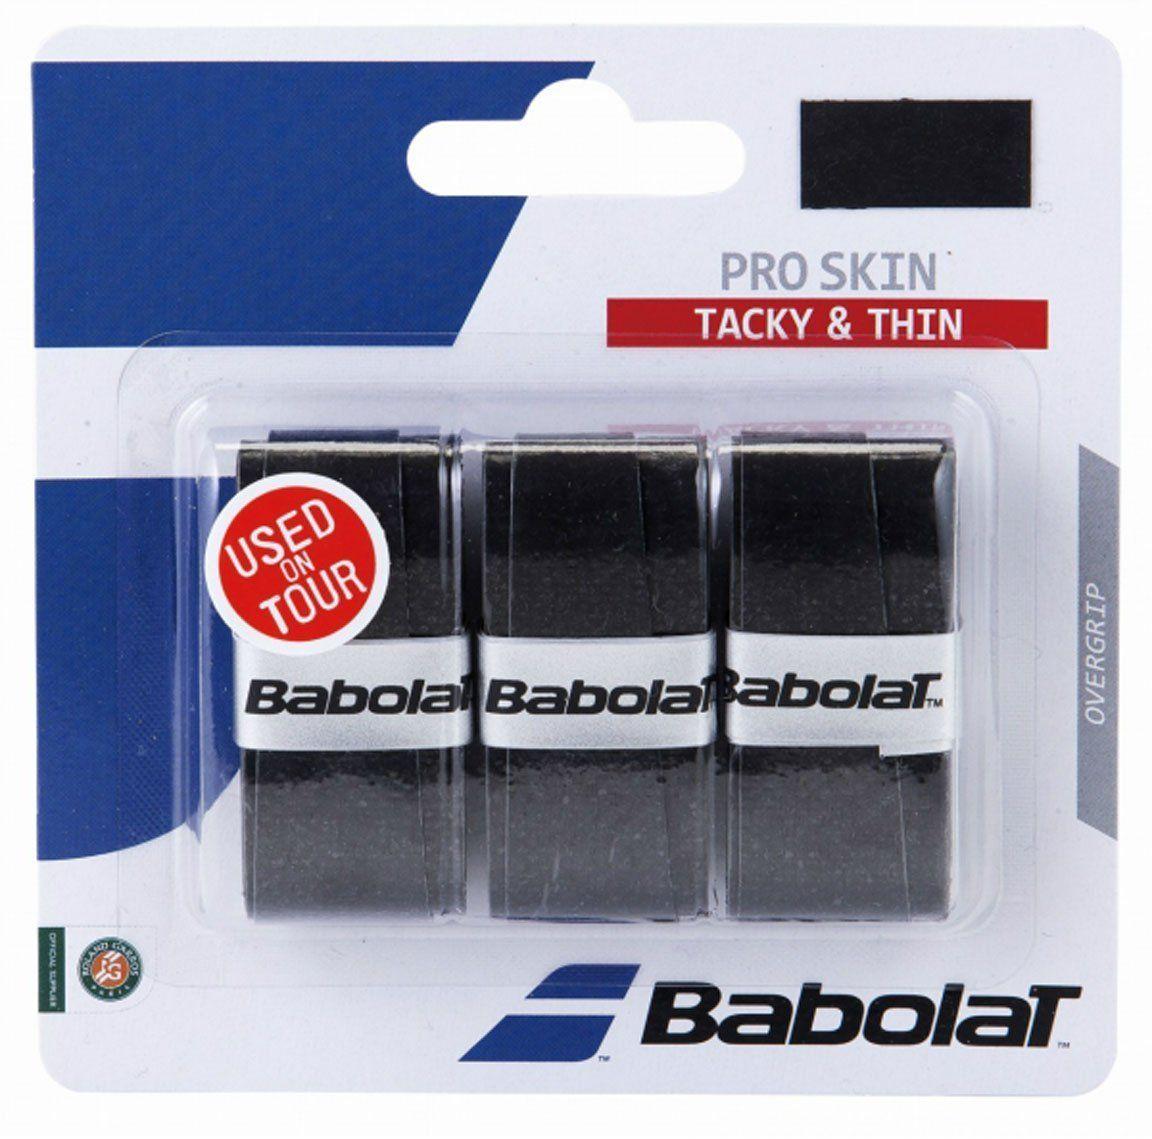 Овергрип Babolat Pro Skin X3, цвет: черный653036Овергрип Babolat Pro Skin X3 изготовлен из полимерных материалов с липкой поверхностью. Уникальная технология поглощения влаги (220%), делает материал мягким и сухим , независимо от степени влажности рук.В комплект входят 3 овергрипа.